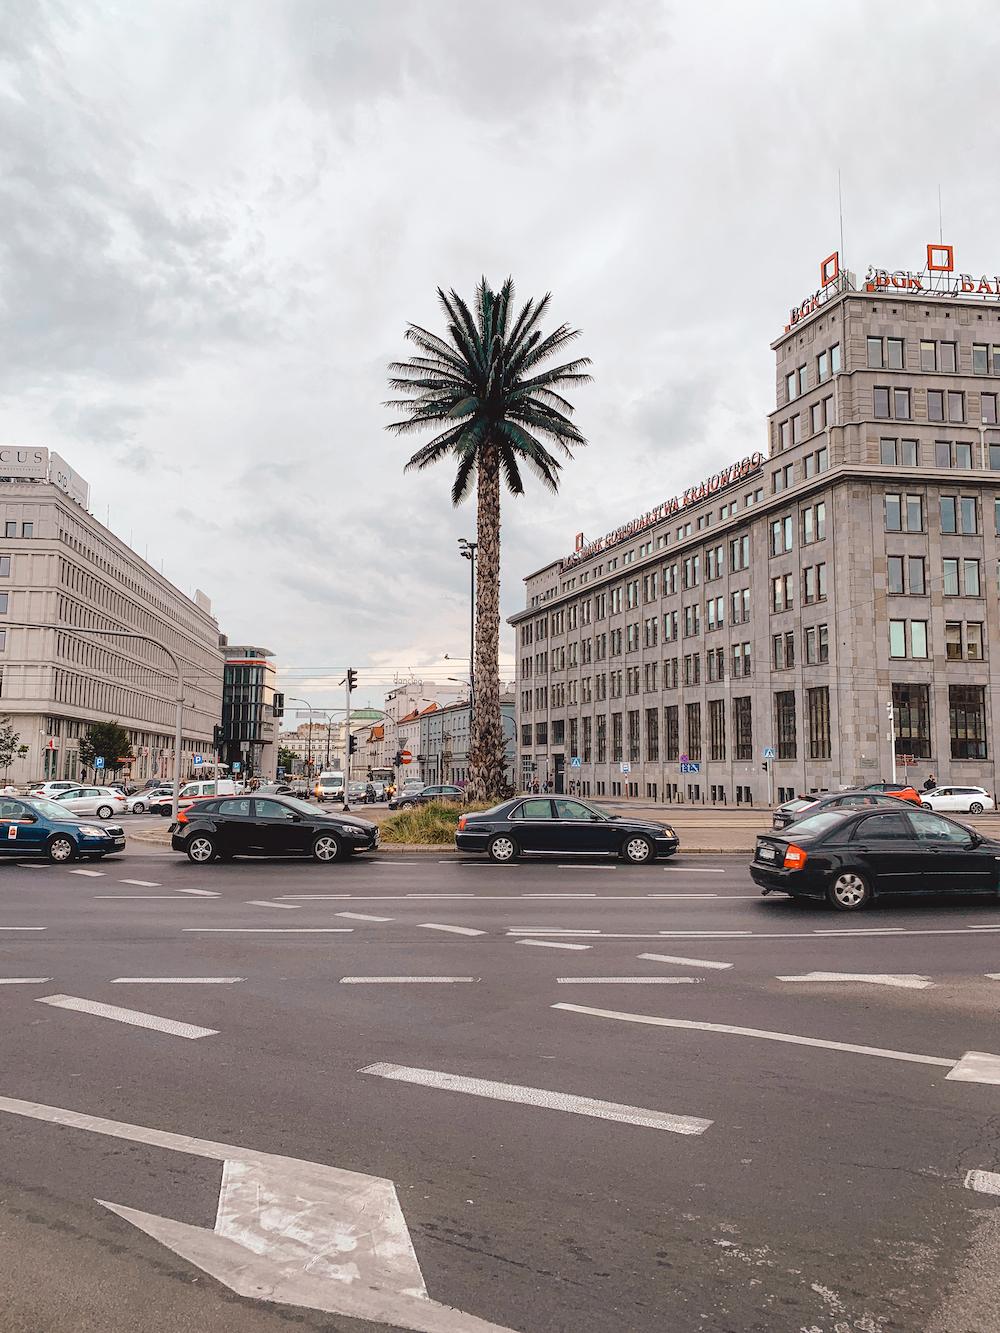 Palmboom van Warschau